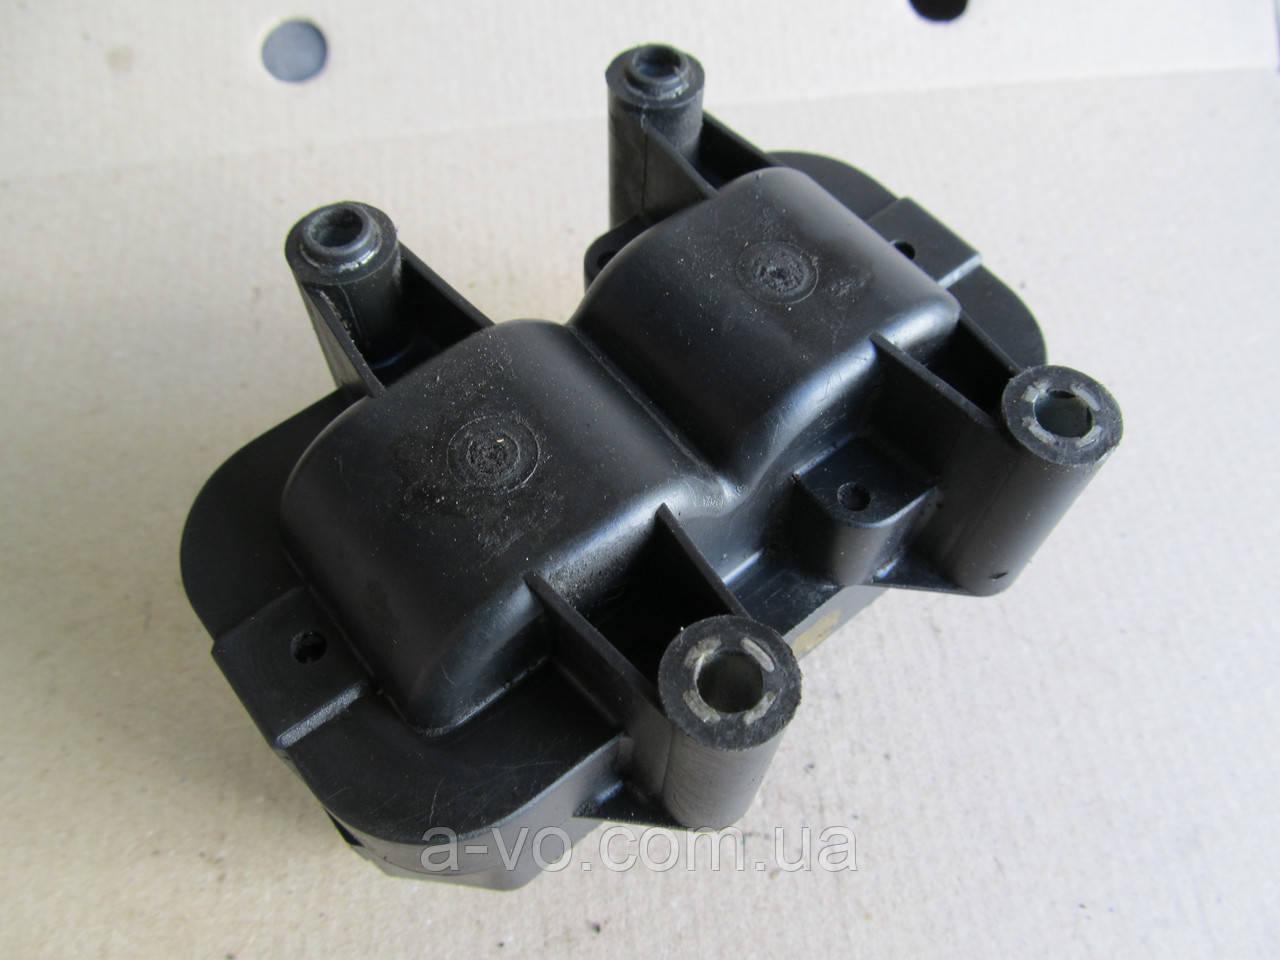 Катушка зажигания Jumper Saxo Xantia Ducato Ulysse Peugeot 205 306 Partner 1.0 1.1 1.4 1.6 1.8 2.0, 0221503025